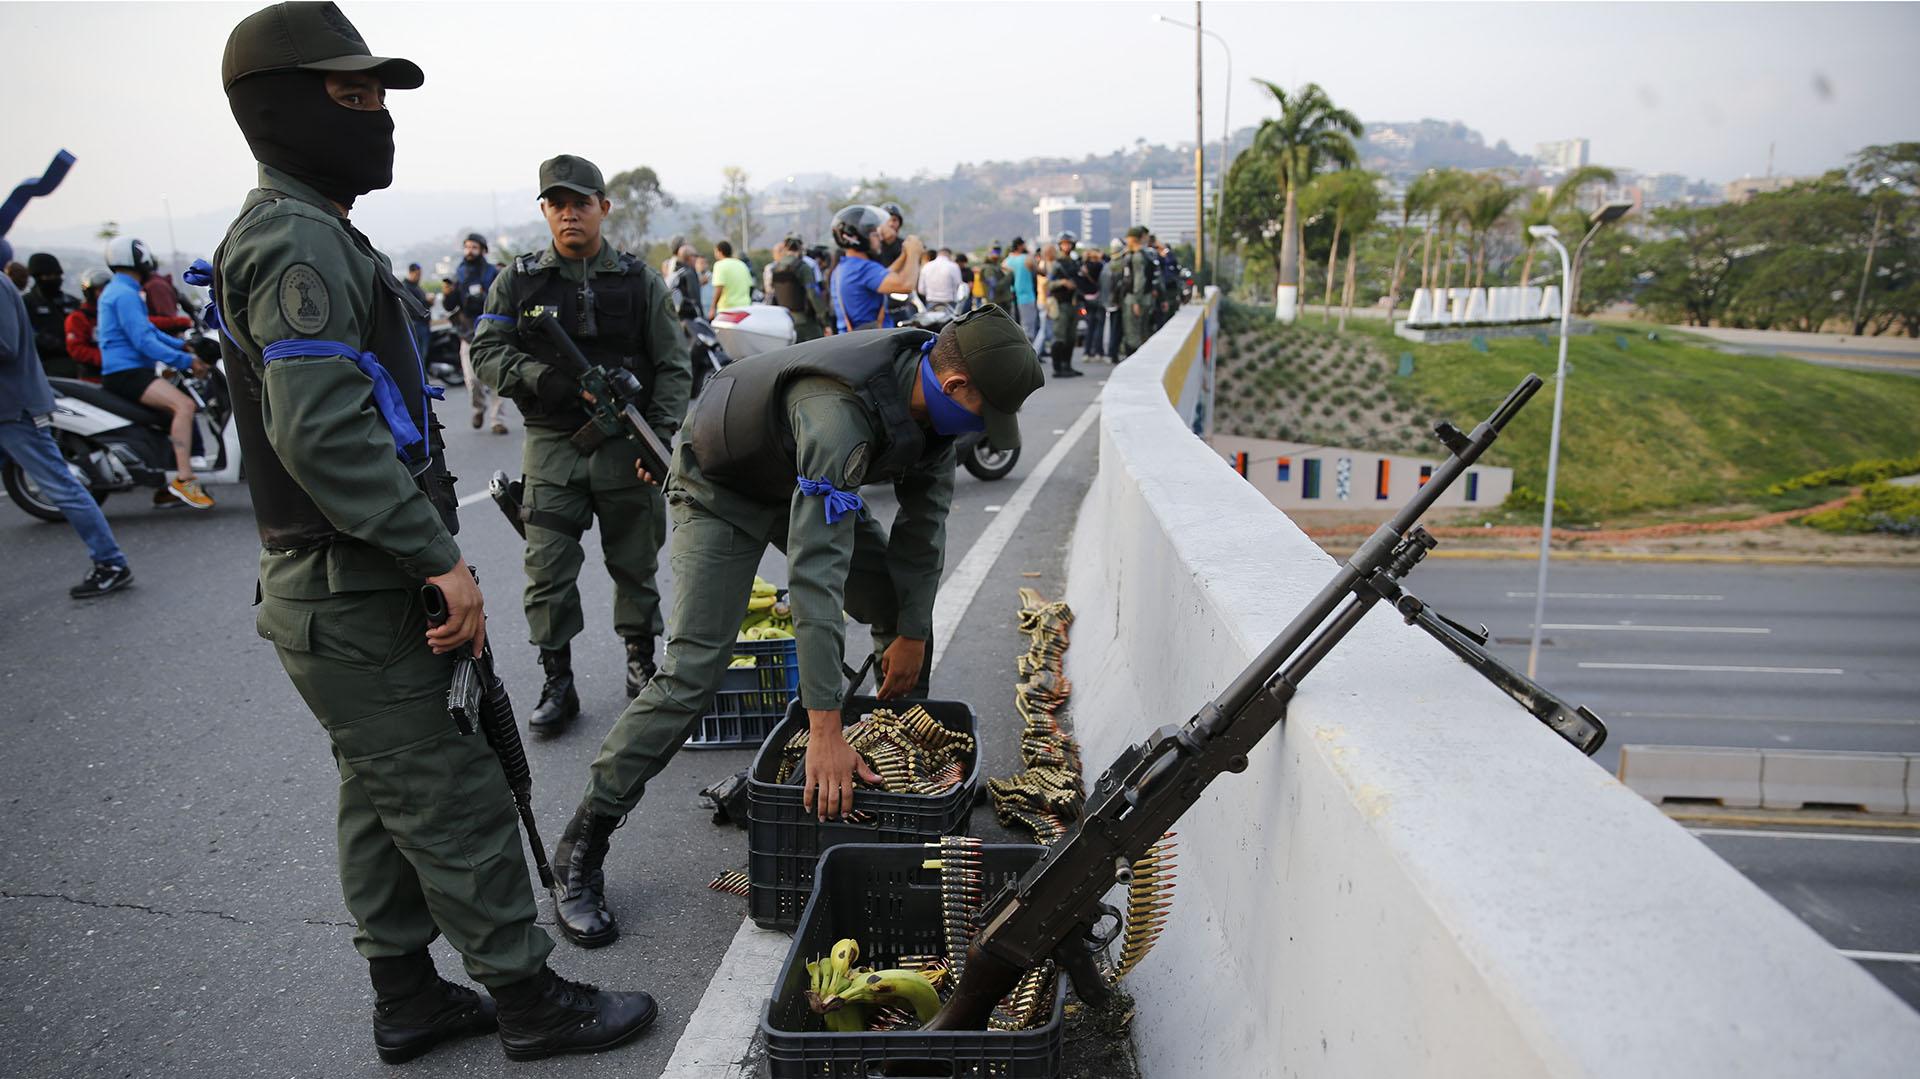 Los soldados de Juan Guaidó, que pueden ser identificados por la cinta azul en el brazo, se refugian en una autovía. (AP Photo/Ariana Cubillos)